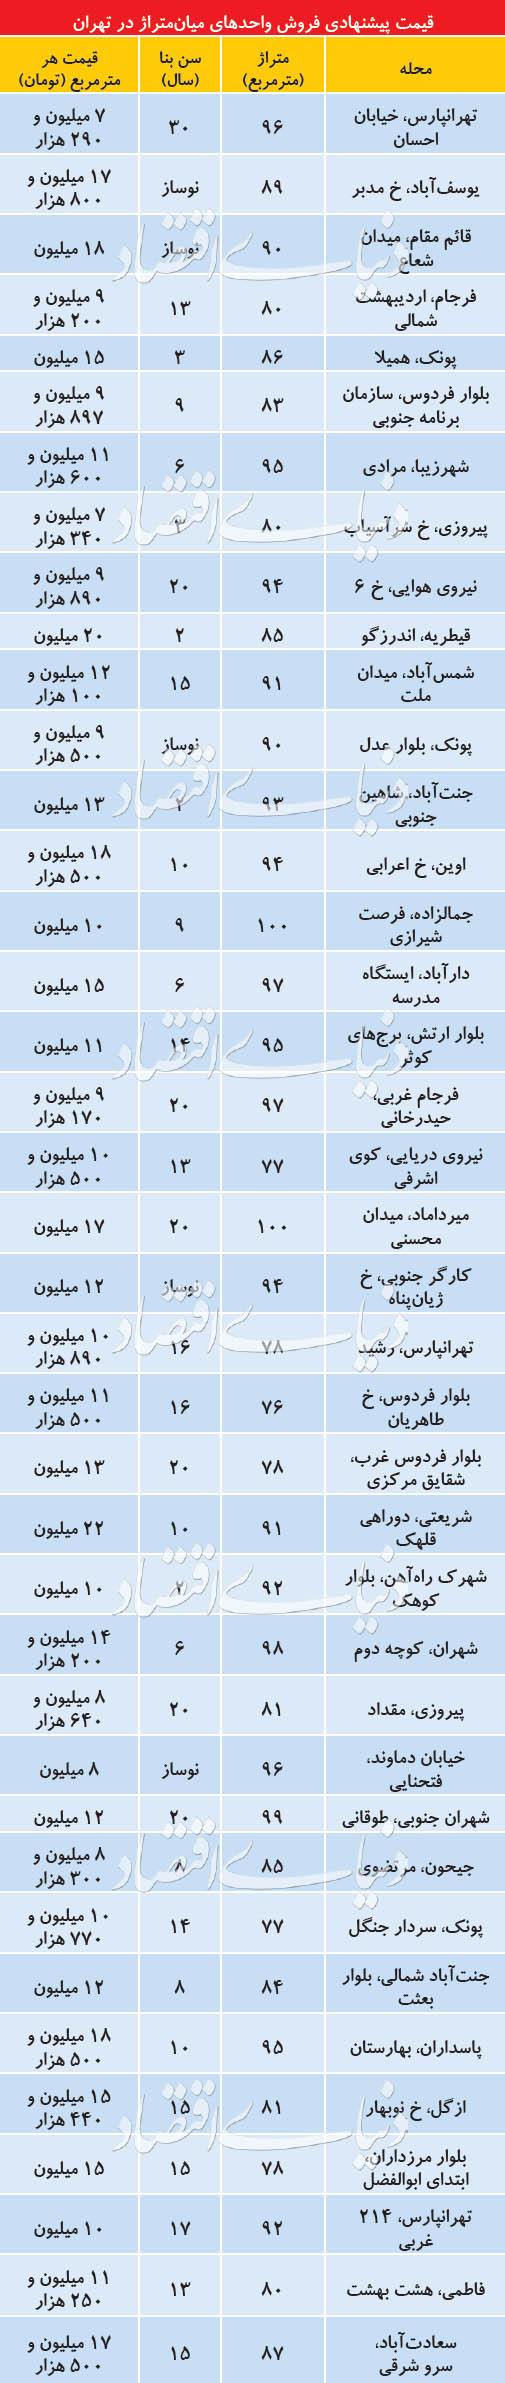 قیمت آپارتمانهای میانمتراژ در بازار تهران